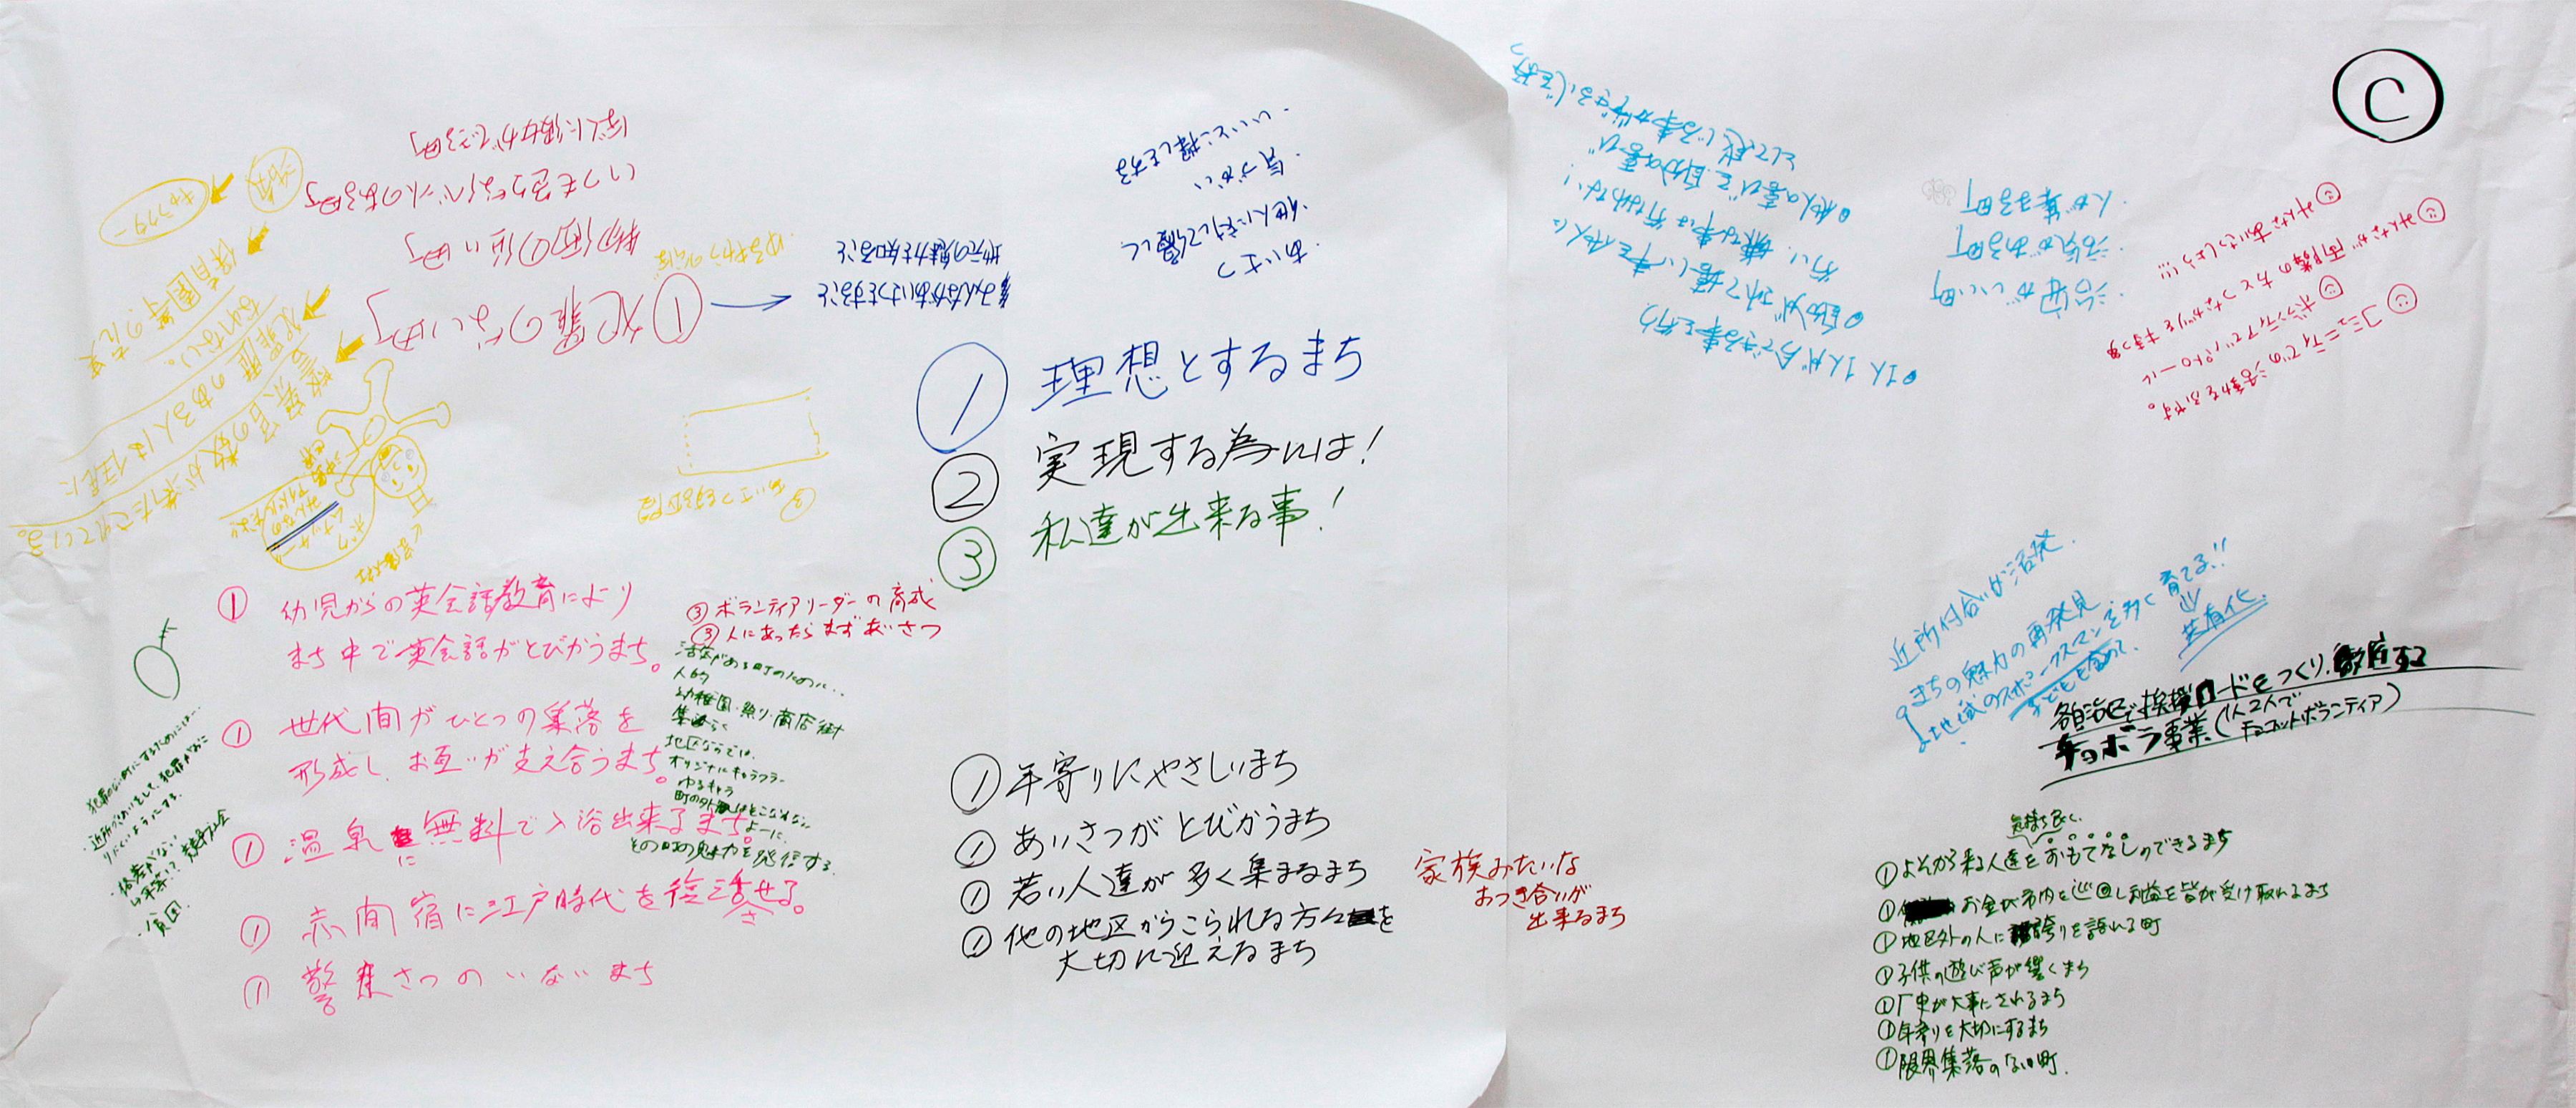 http://www.munakatajc.com/active/2013101704.jpg